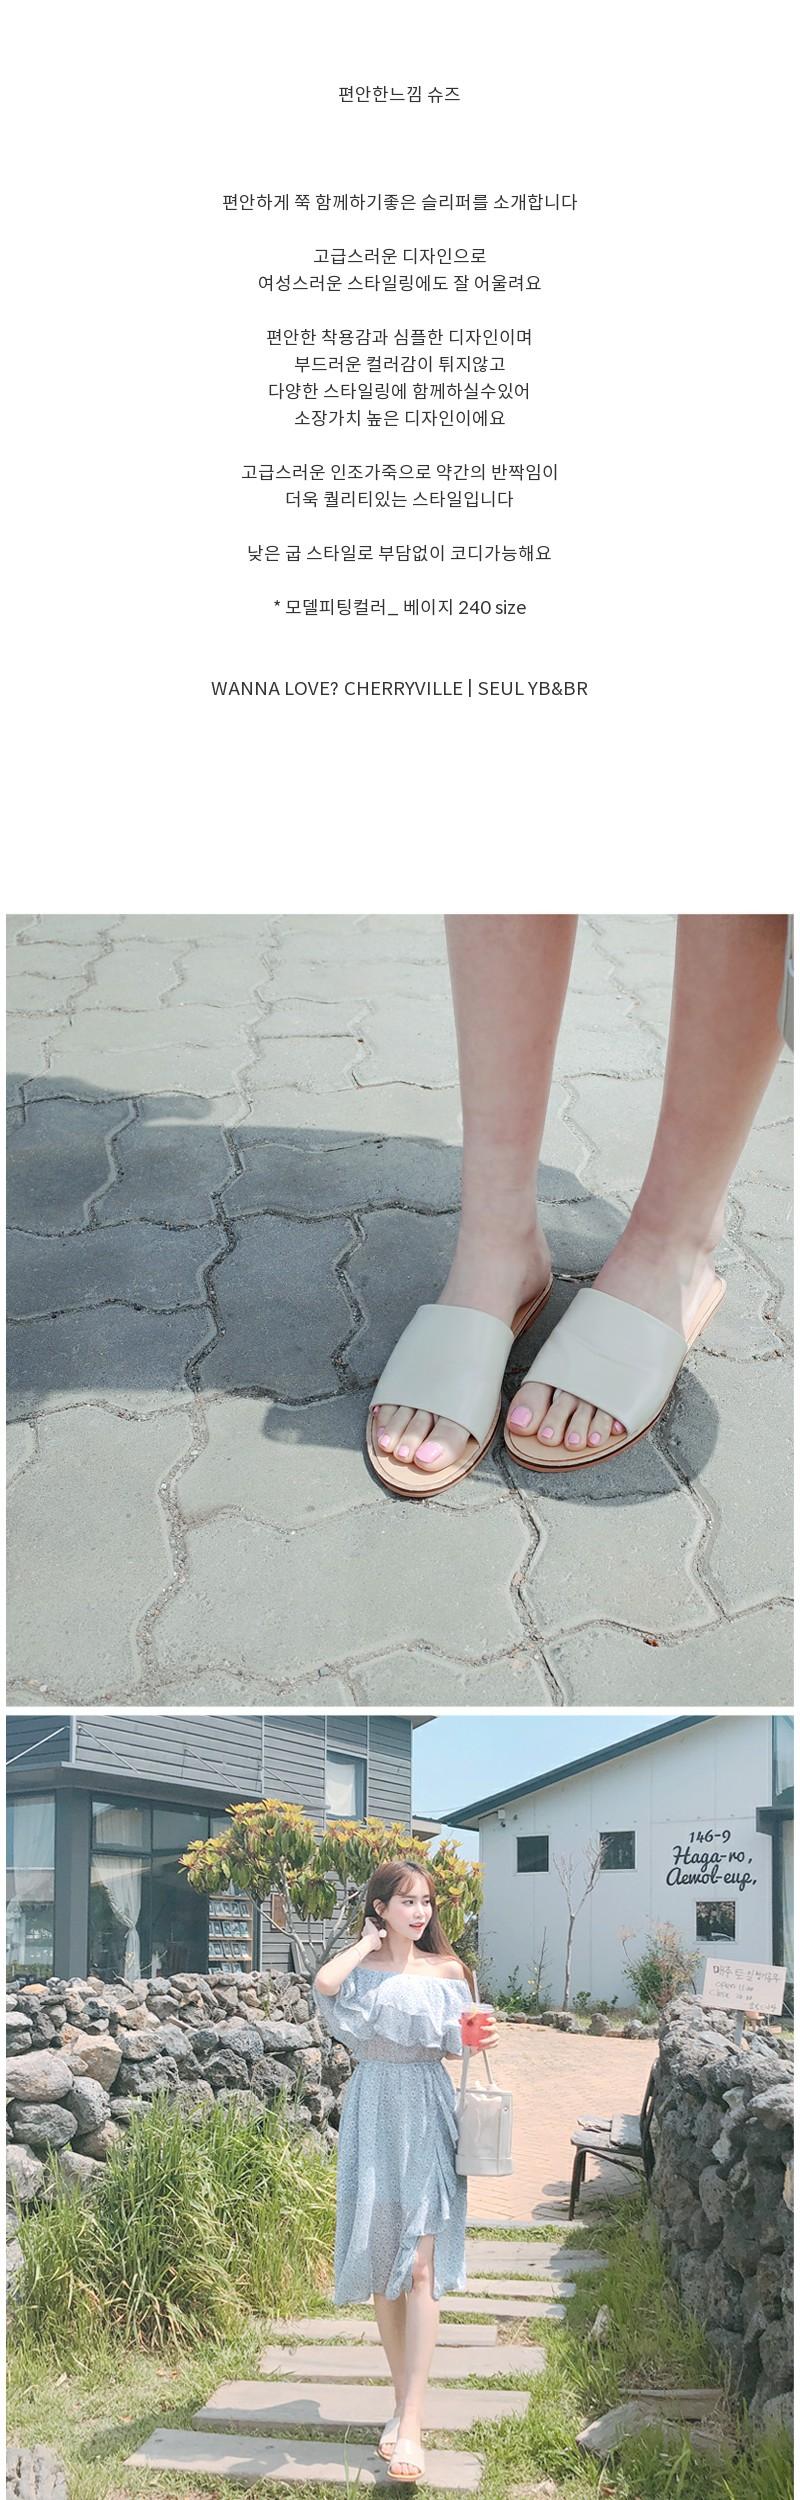 Comfortable feeling shoes